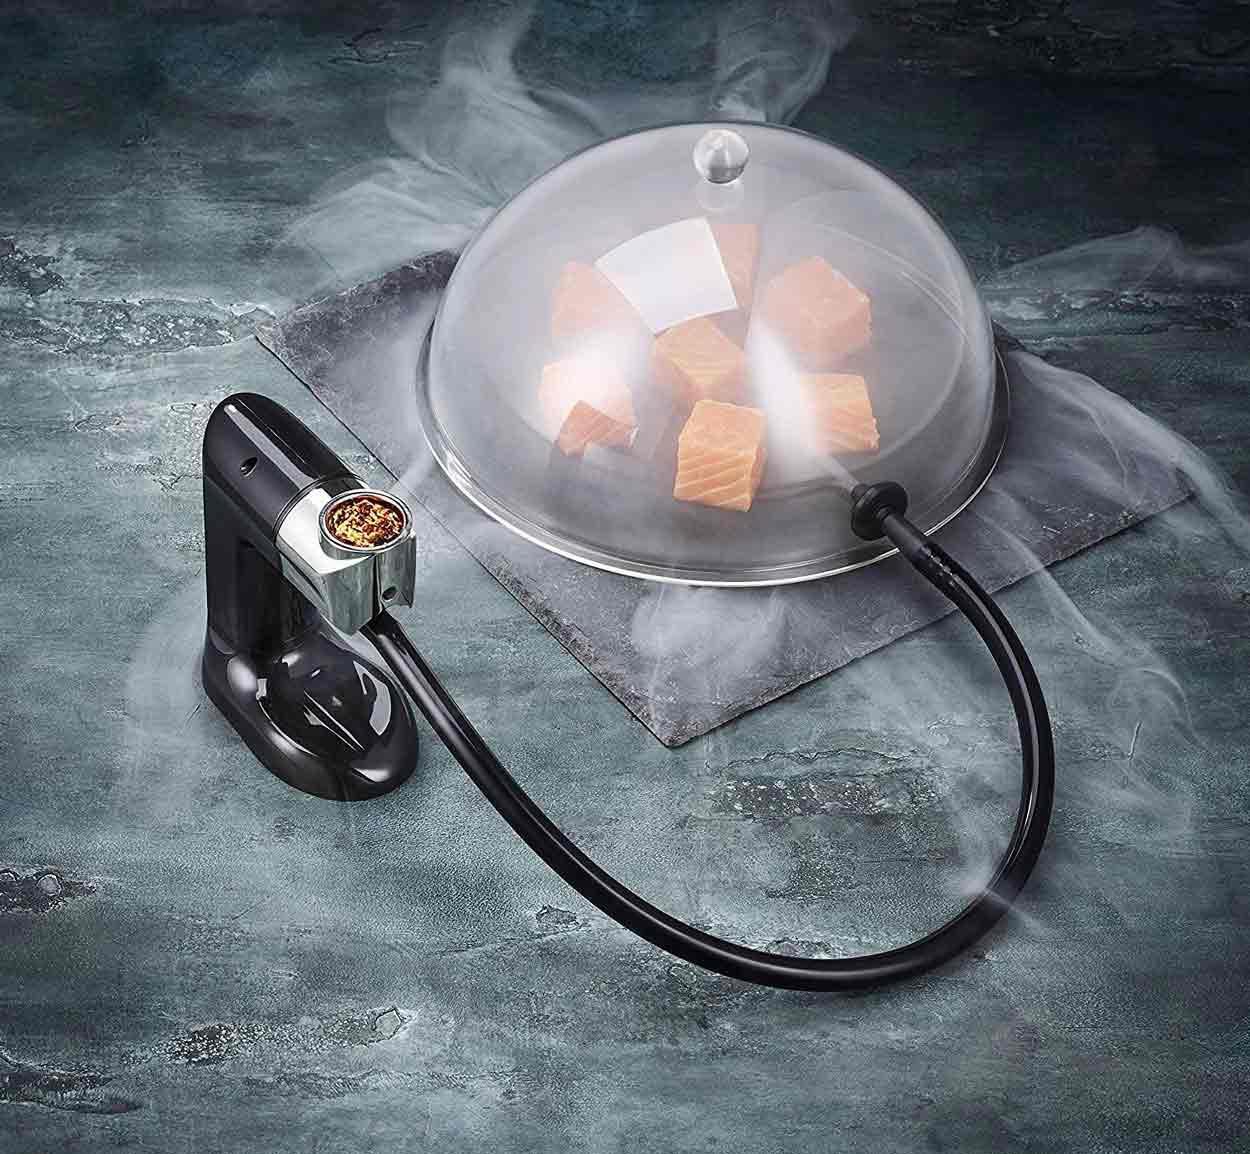 Räucher-Gerät Gastronoma 18310001 Smoker gun Räucherpistole – Bild 2